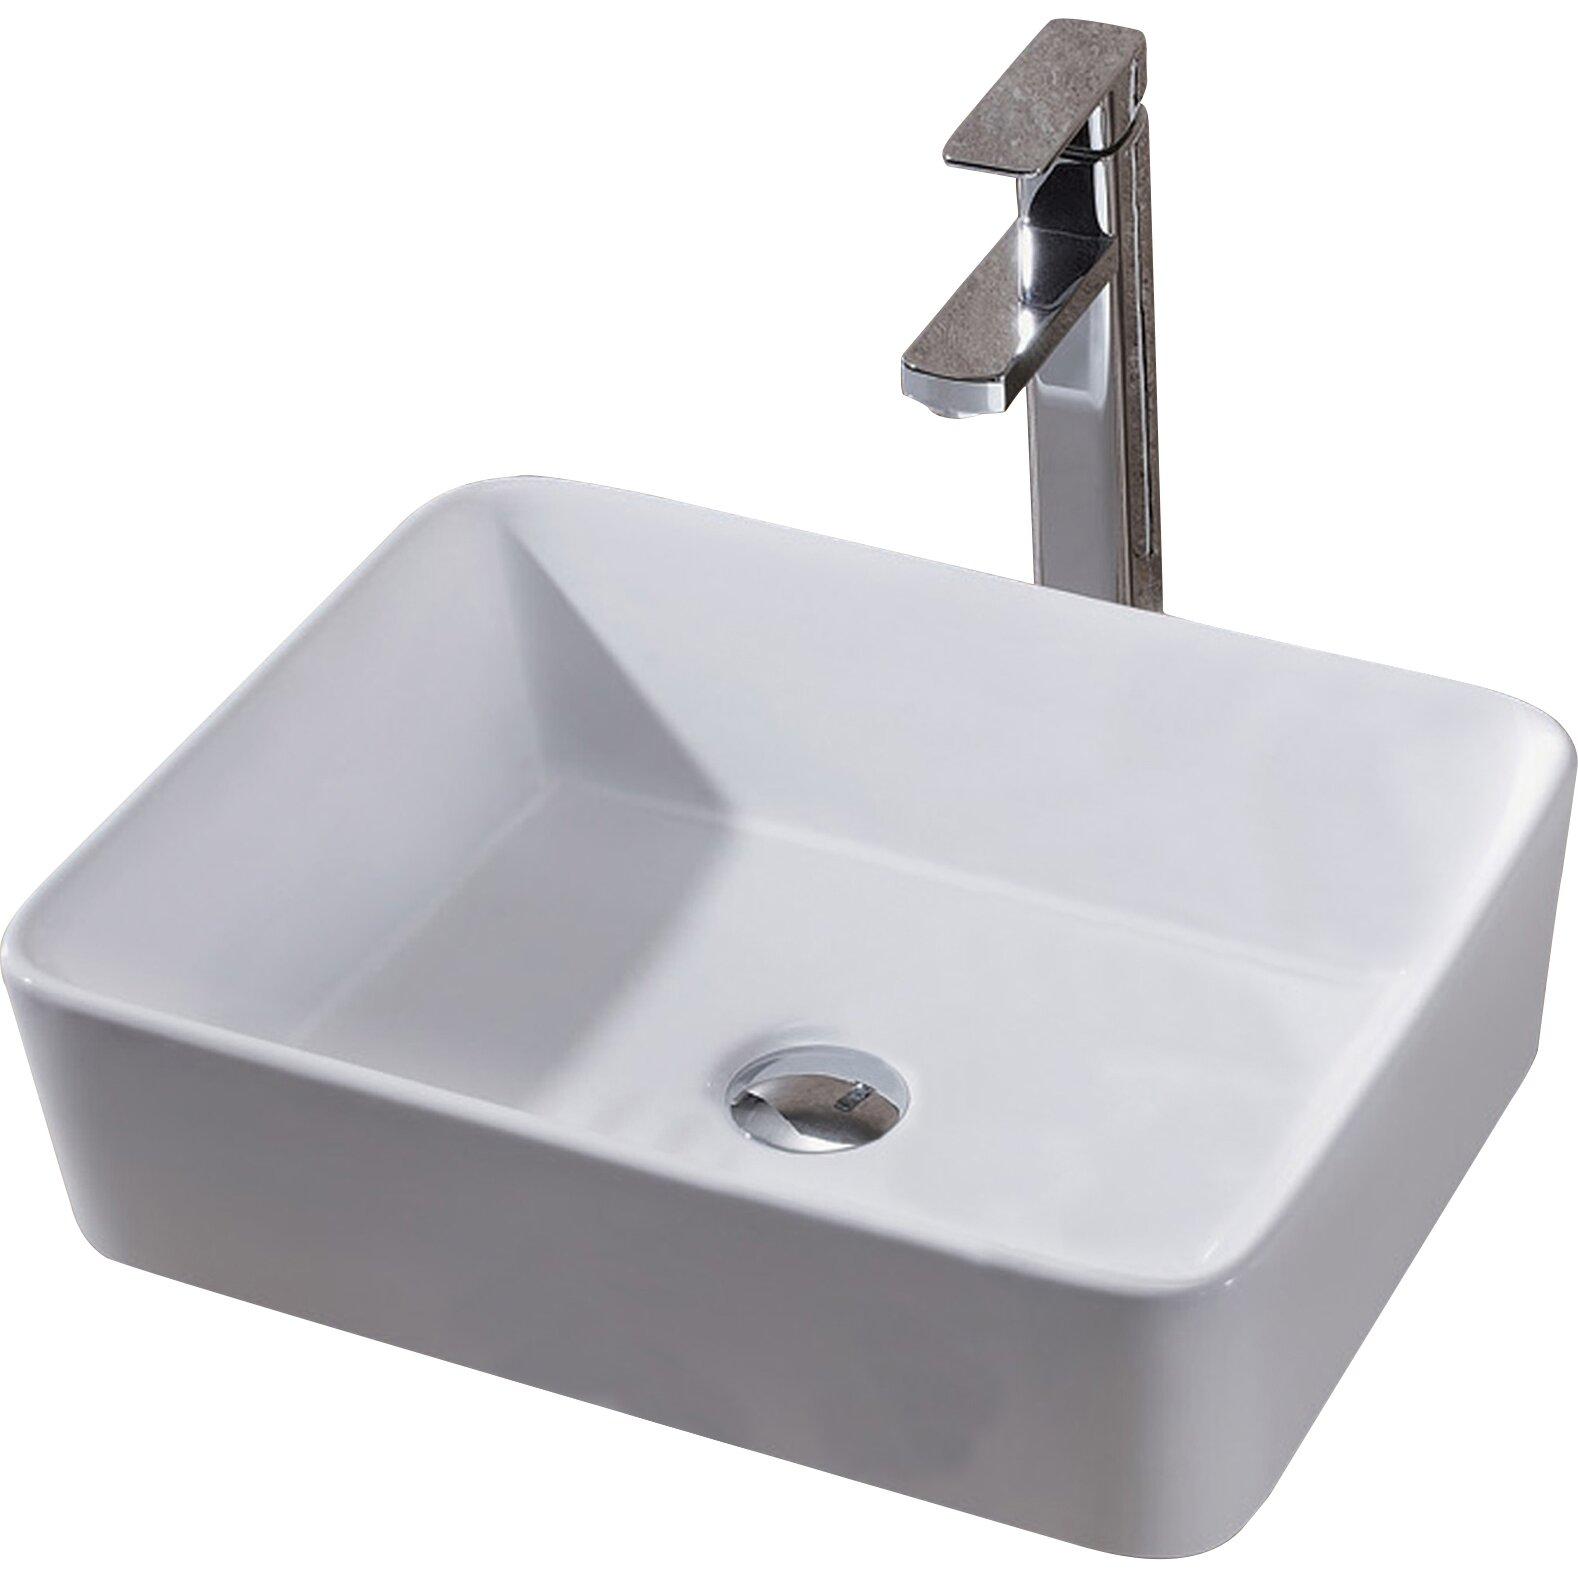 Porcelain-Ceramic-Vessel-Vanity-Bathroom-Sink-L-013.jpg